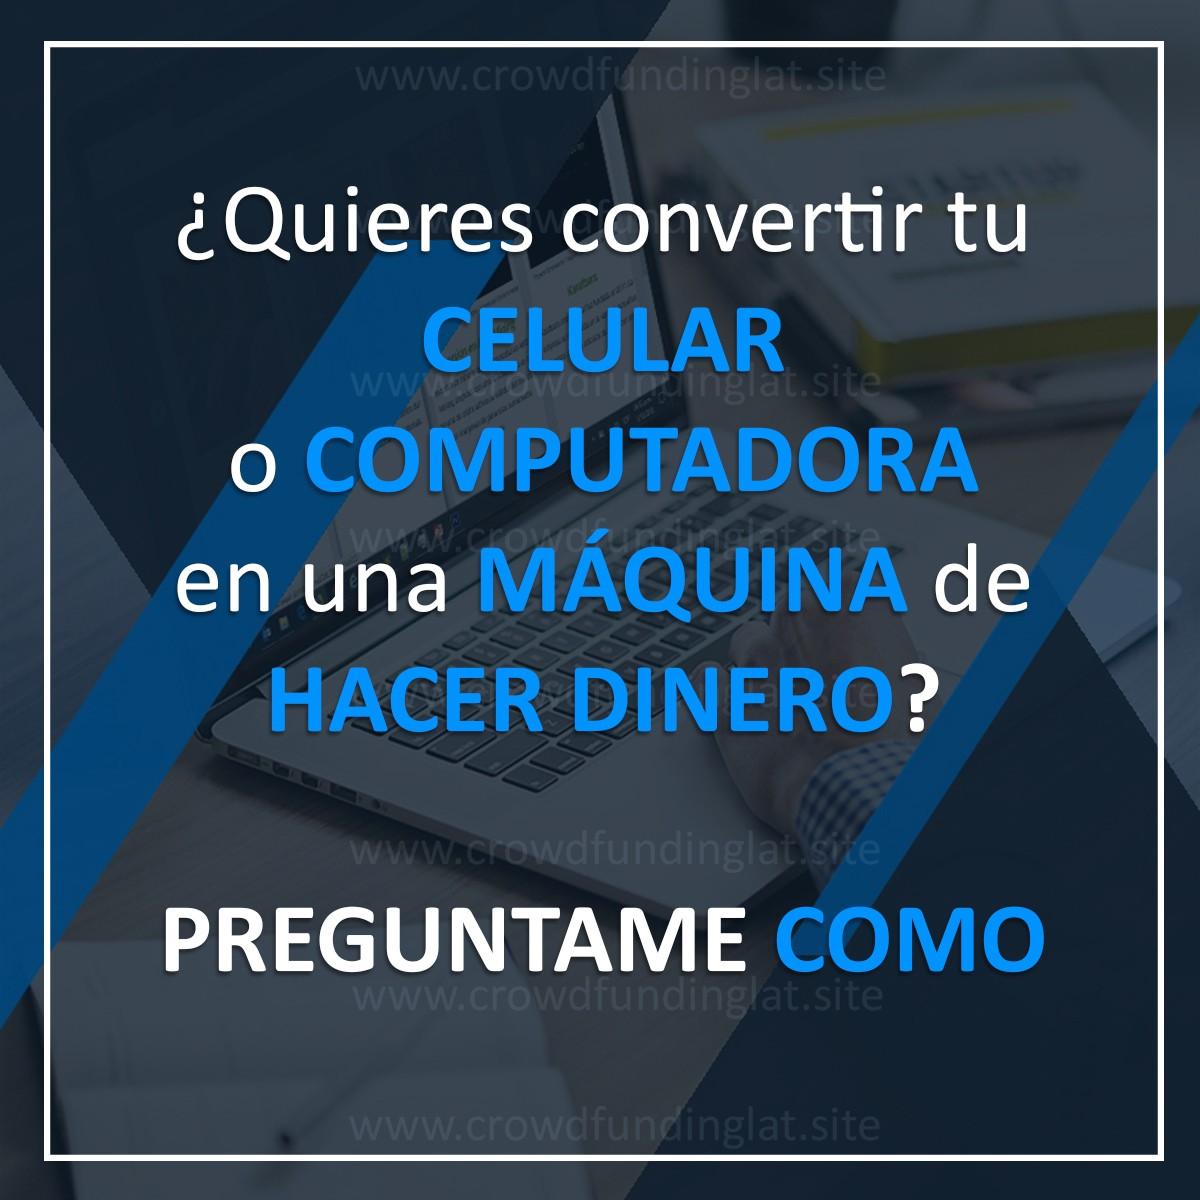 ¿Quieres convertir tu Celular o Computadora en una Maquina de Hacer Dinero?